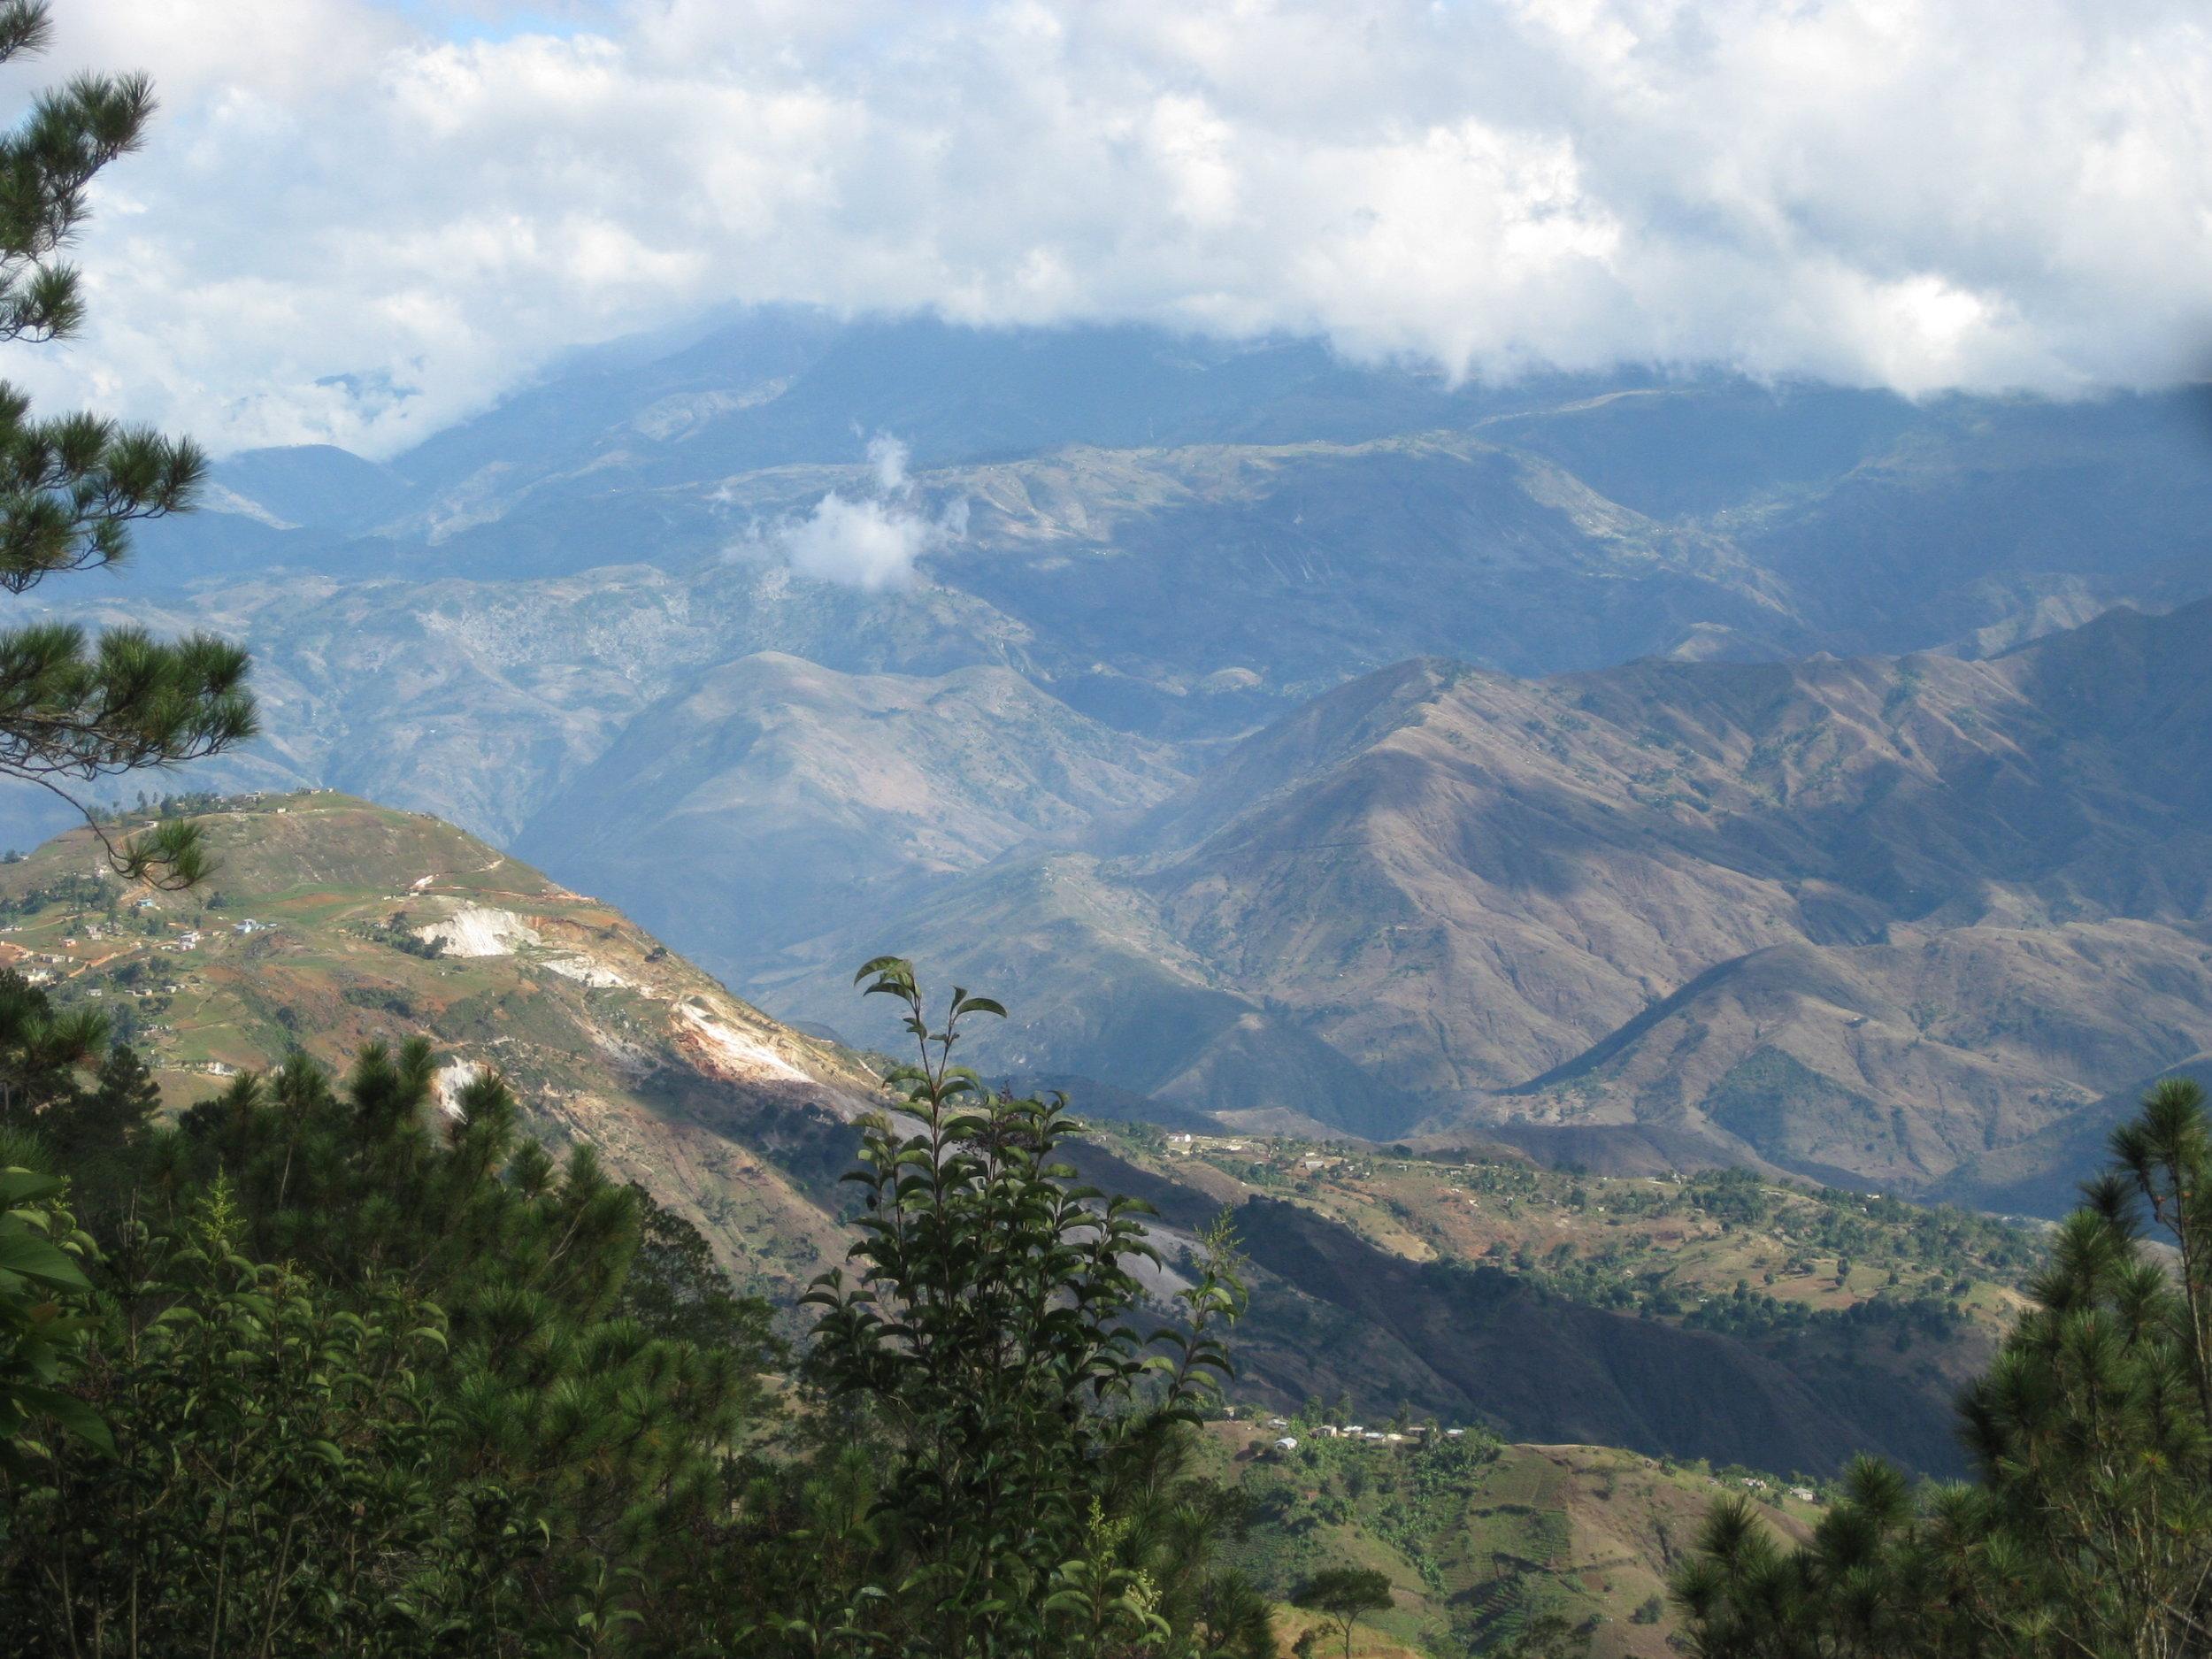 Mountains near the earthquake epidcenter outside of Port au Prince, Haiti.